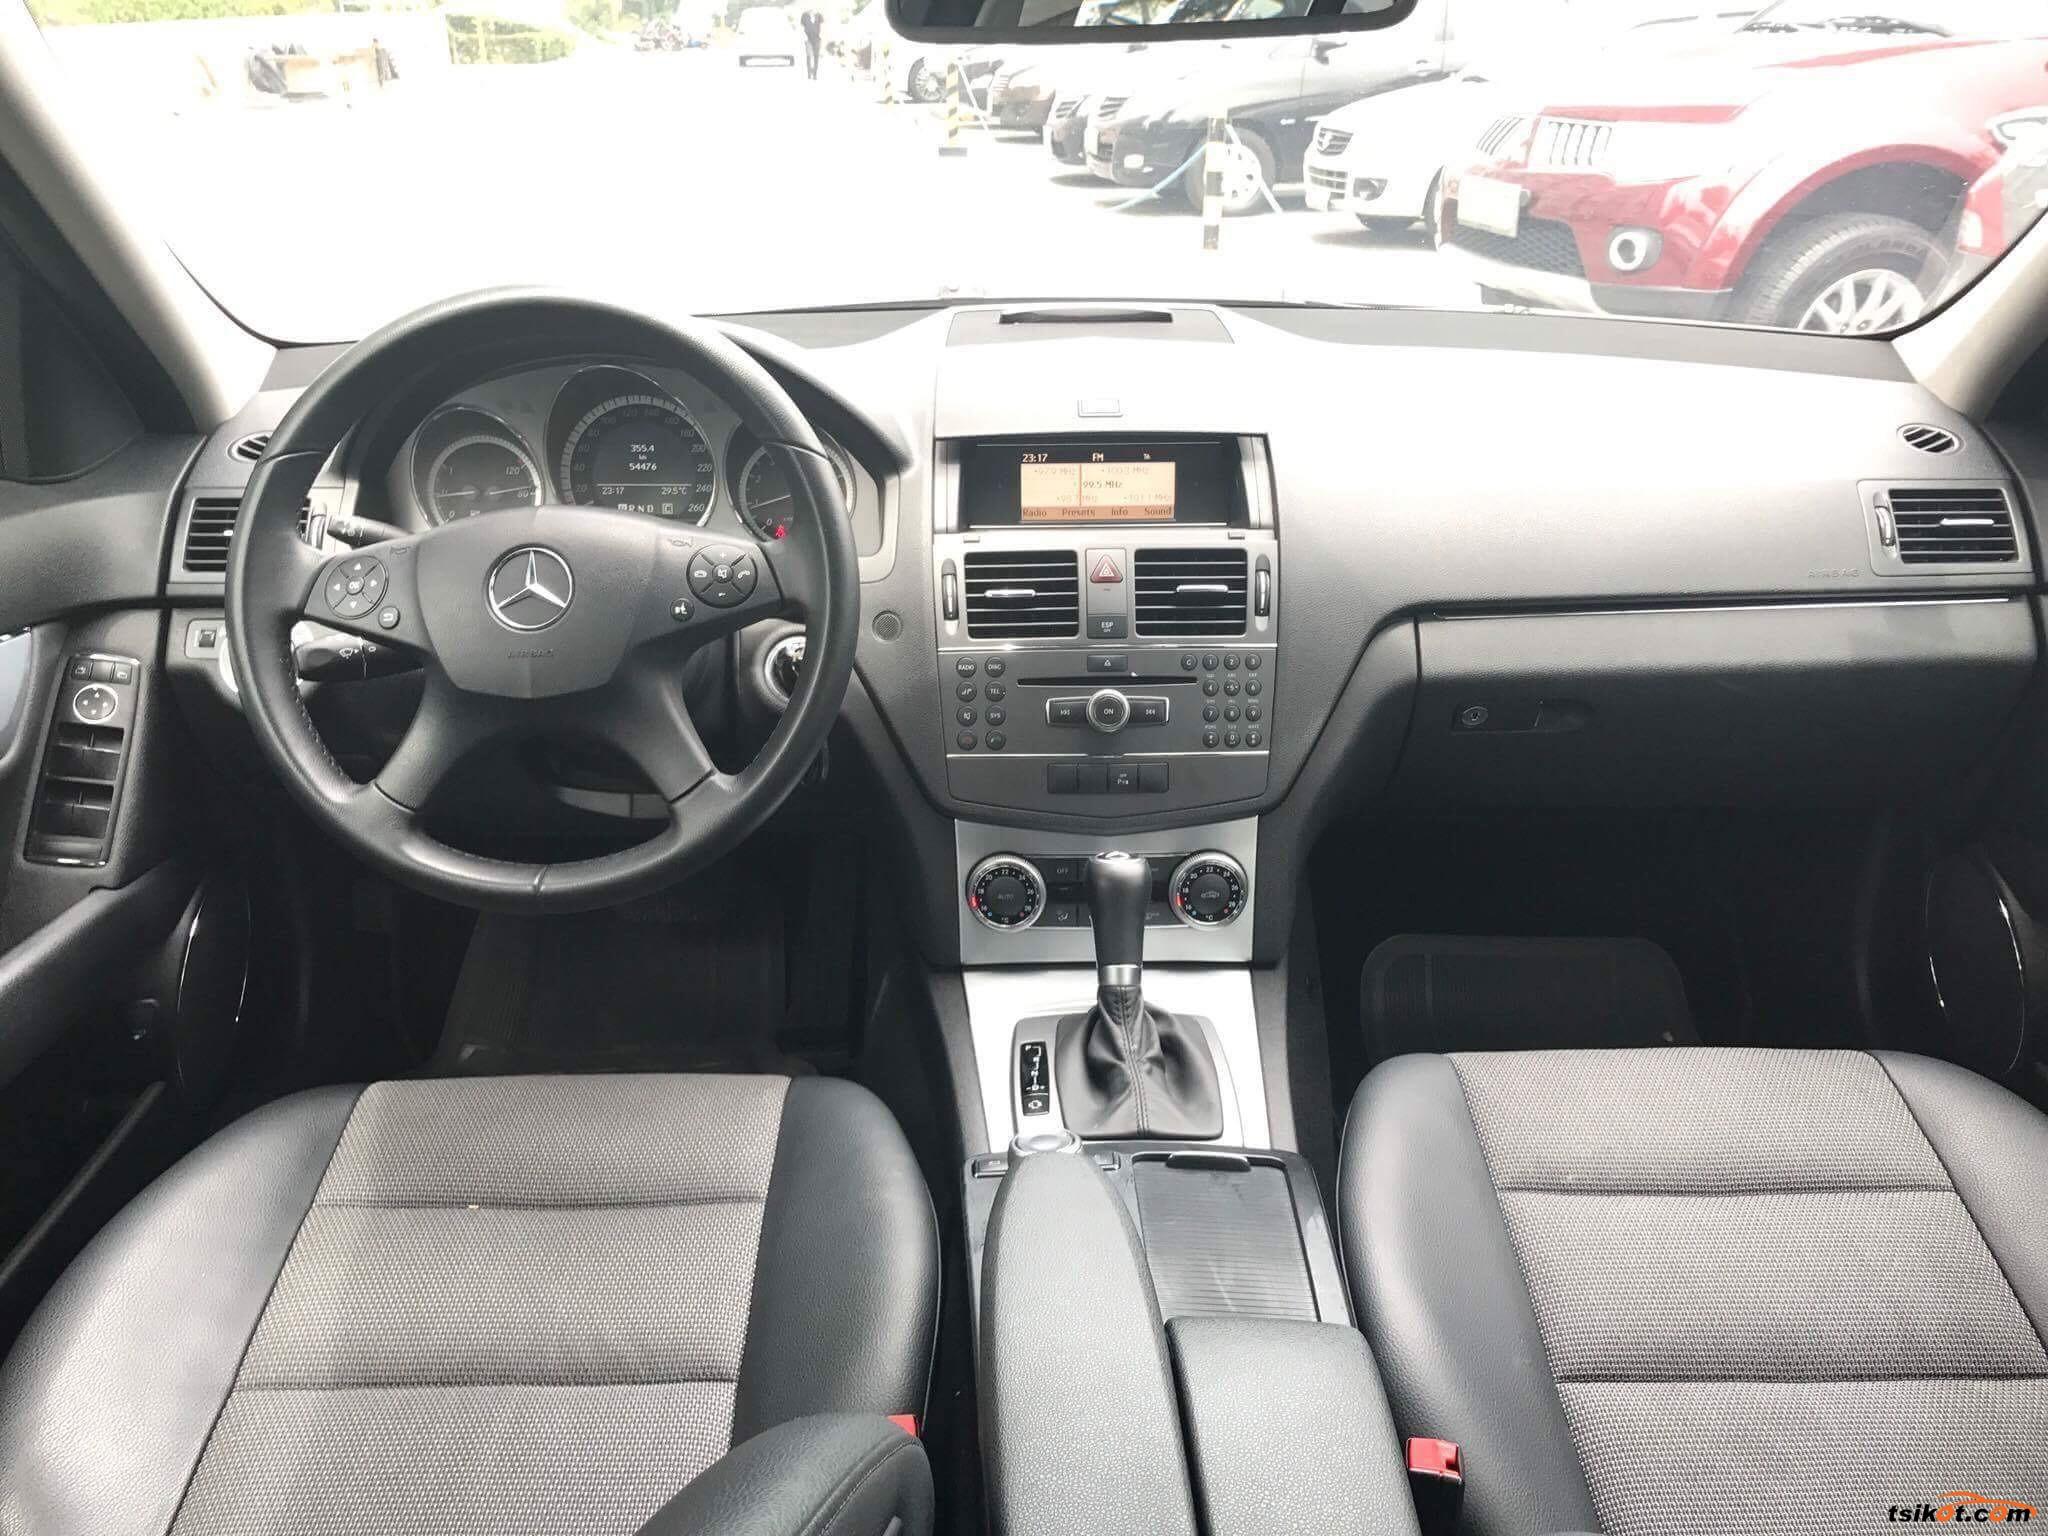 Mercedes-Benz C-Class 2010 - 6